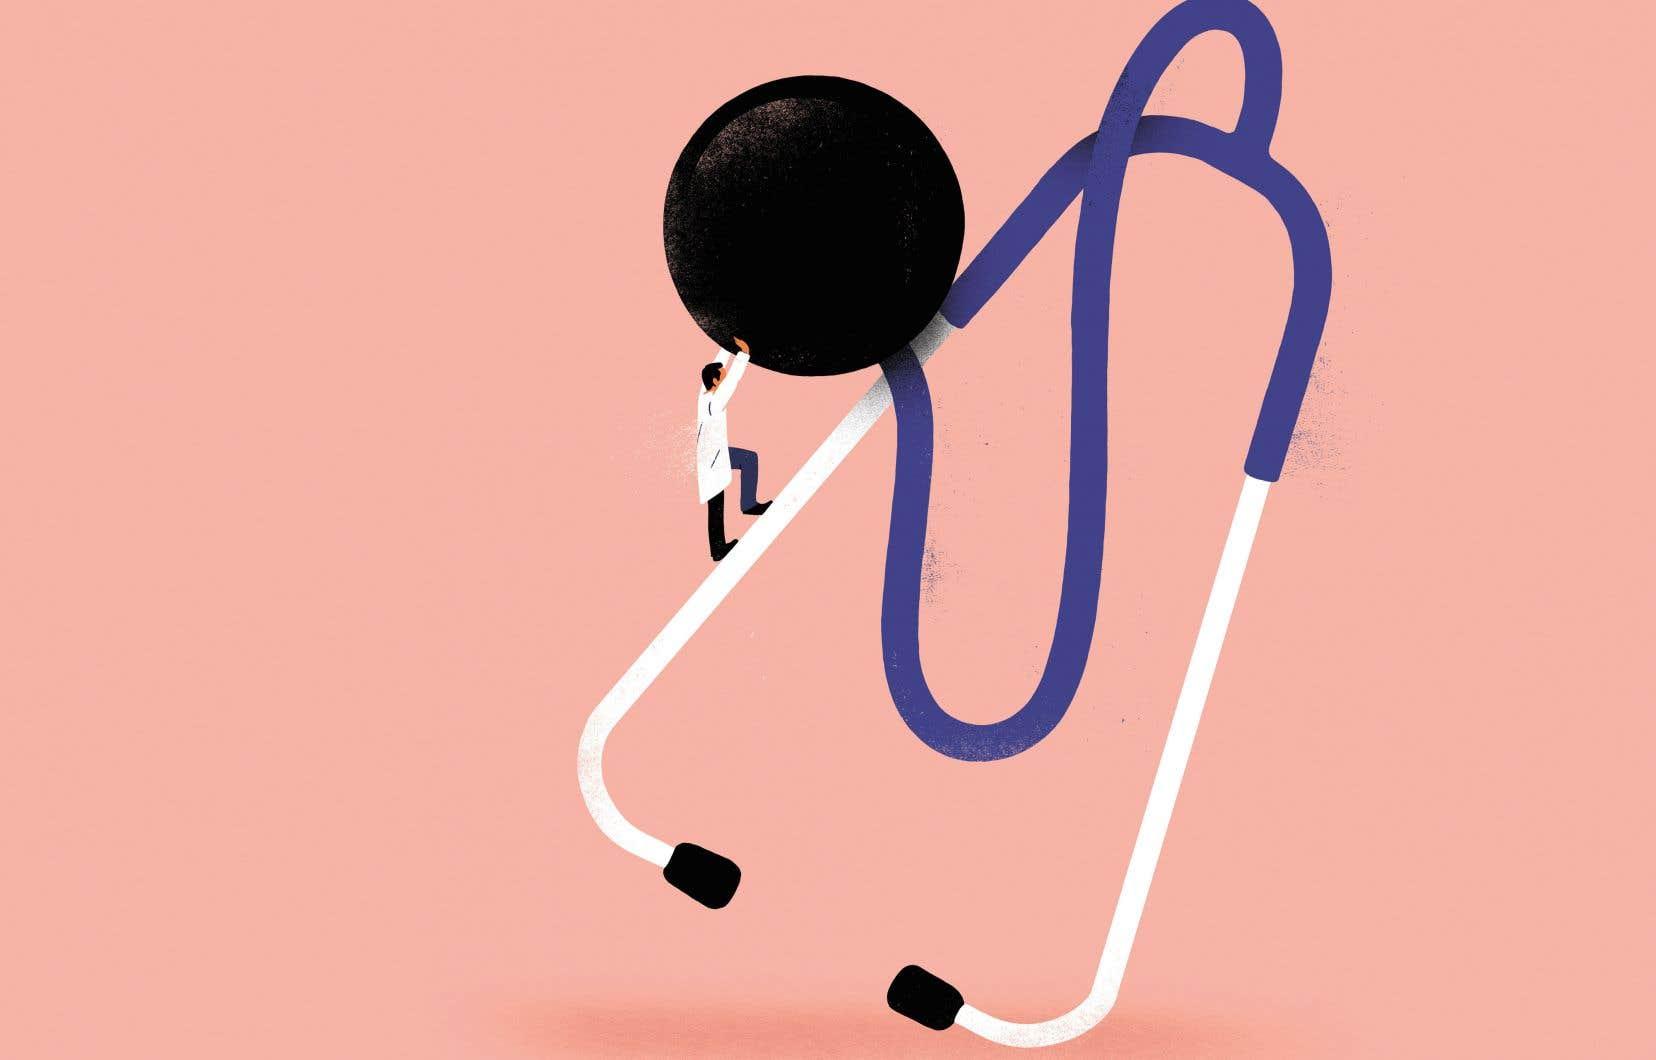 «L'objectif était louable, mais le moyen pour y arriver n'était pas le bon. La réforme est farfelue»,estime François Champagne, professeur à l'École de santé publique de l'Université de Montréal.